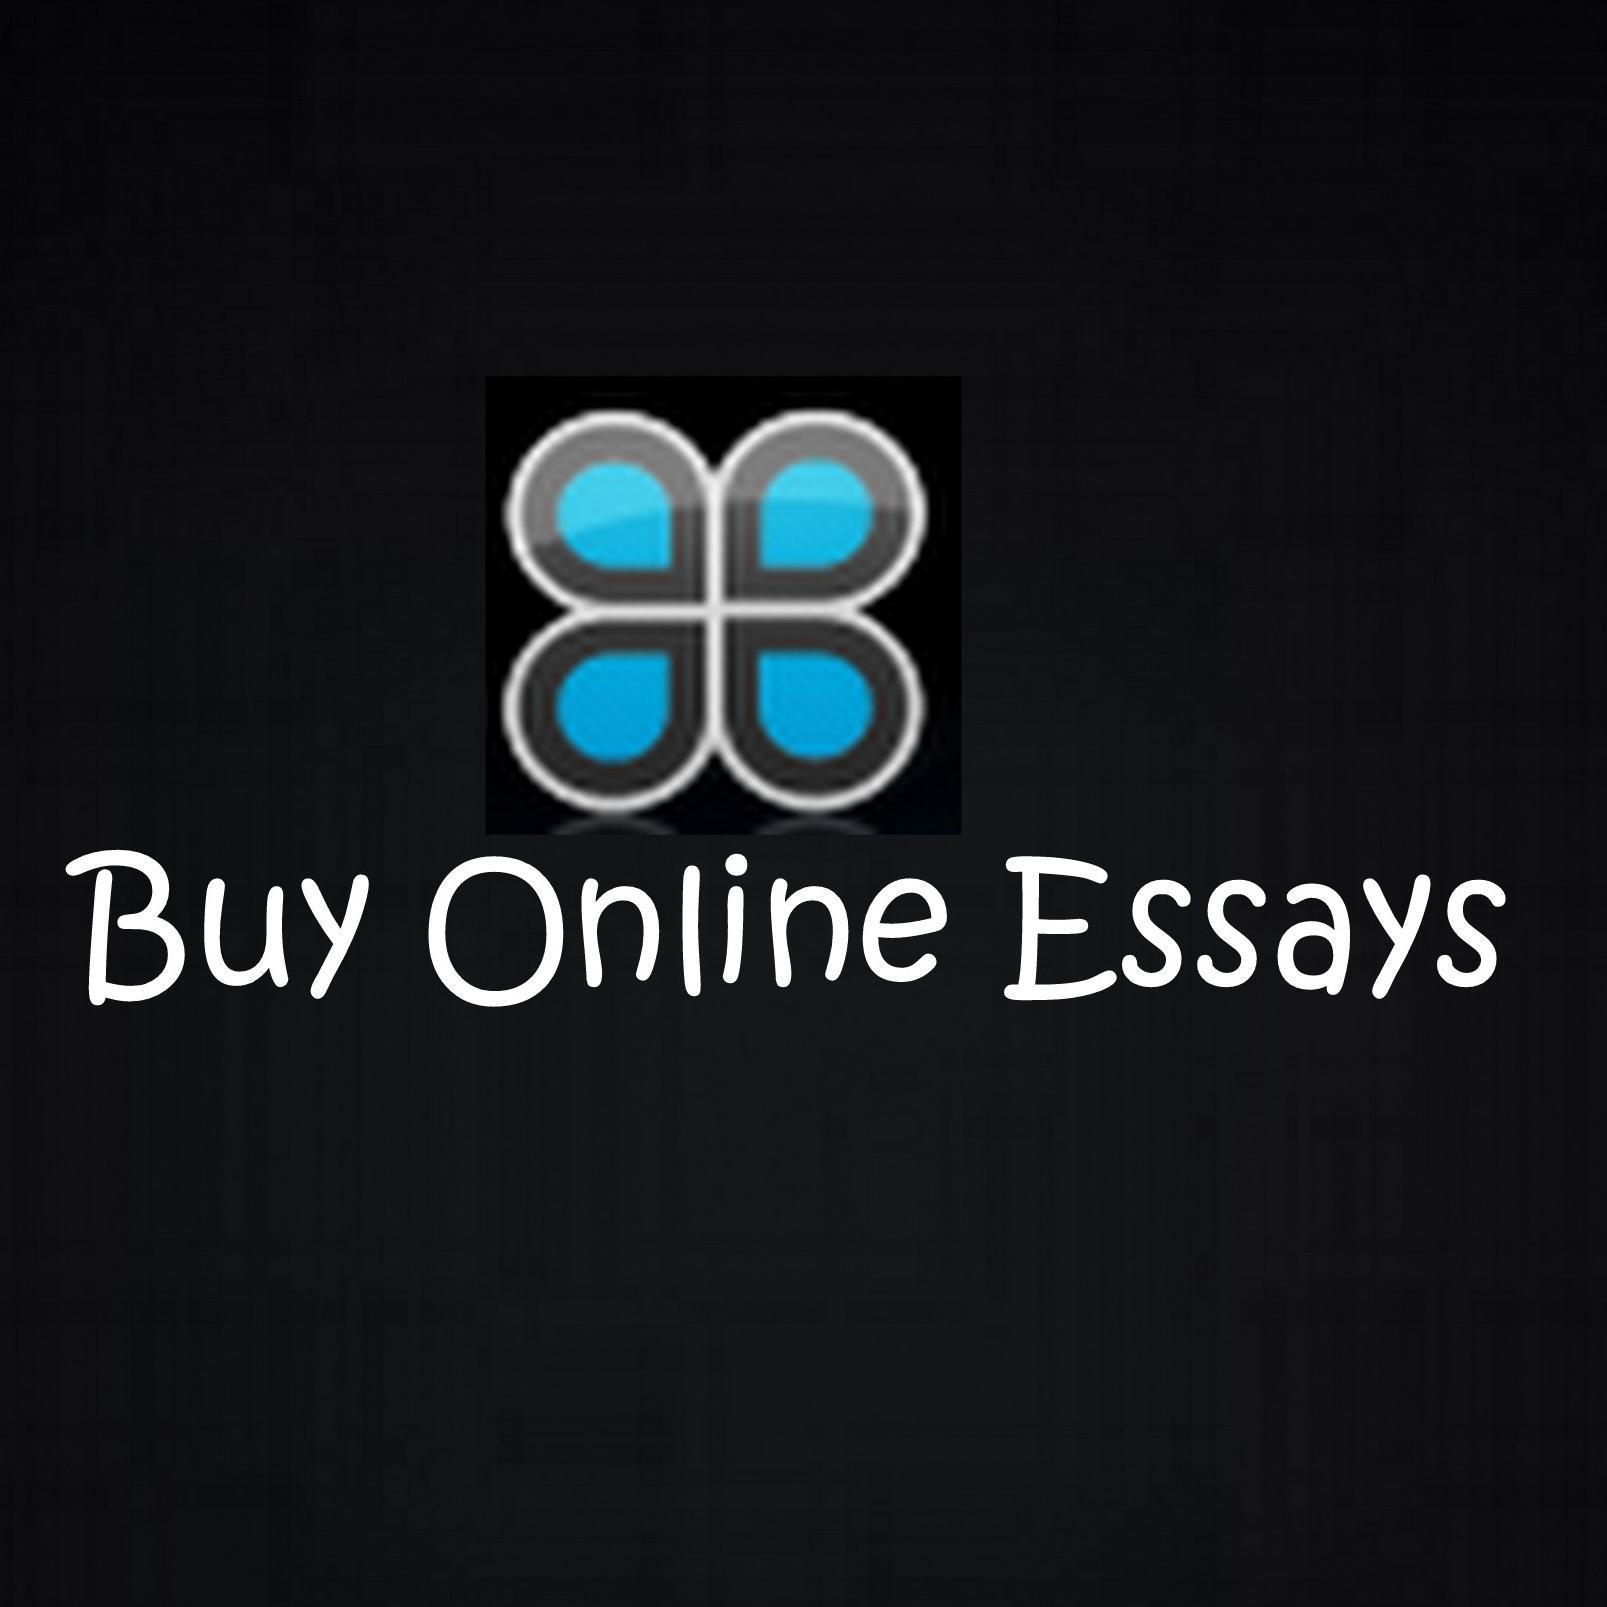 buy online essays 91 121 113 106 buy online essays